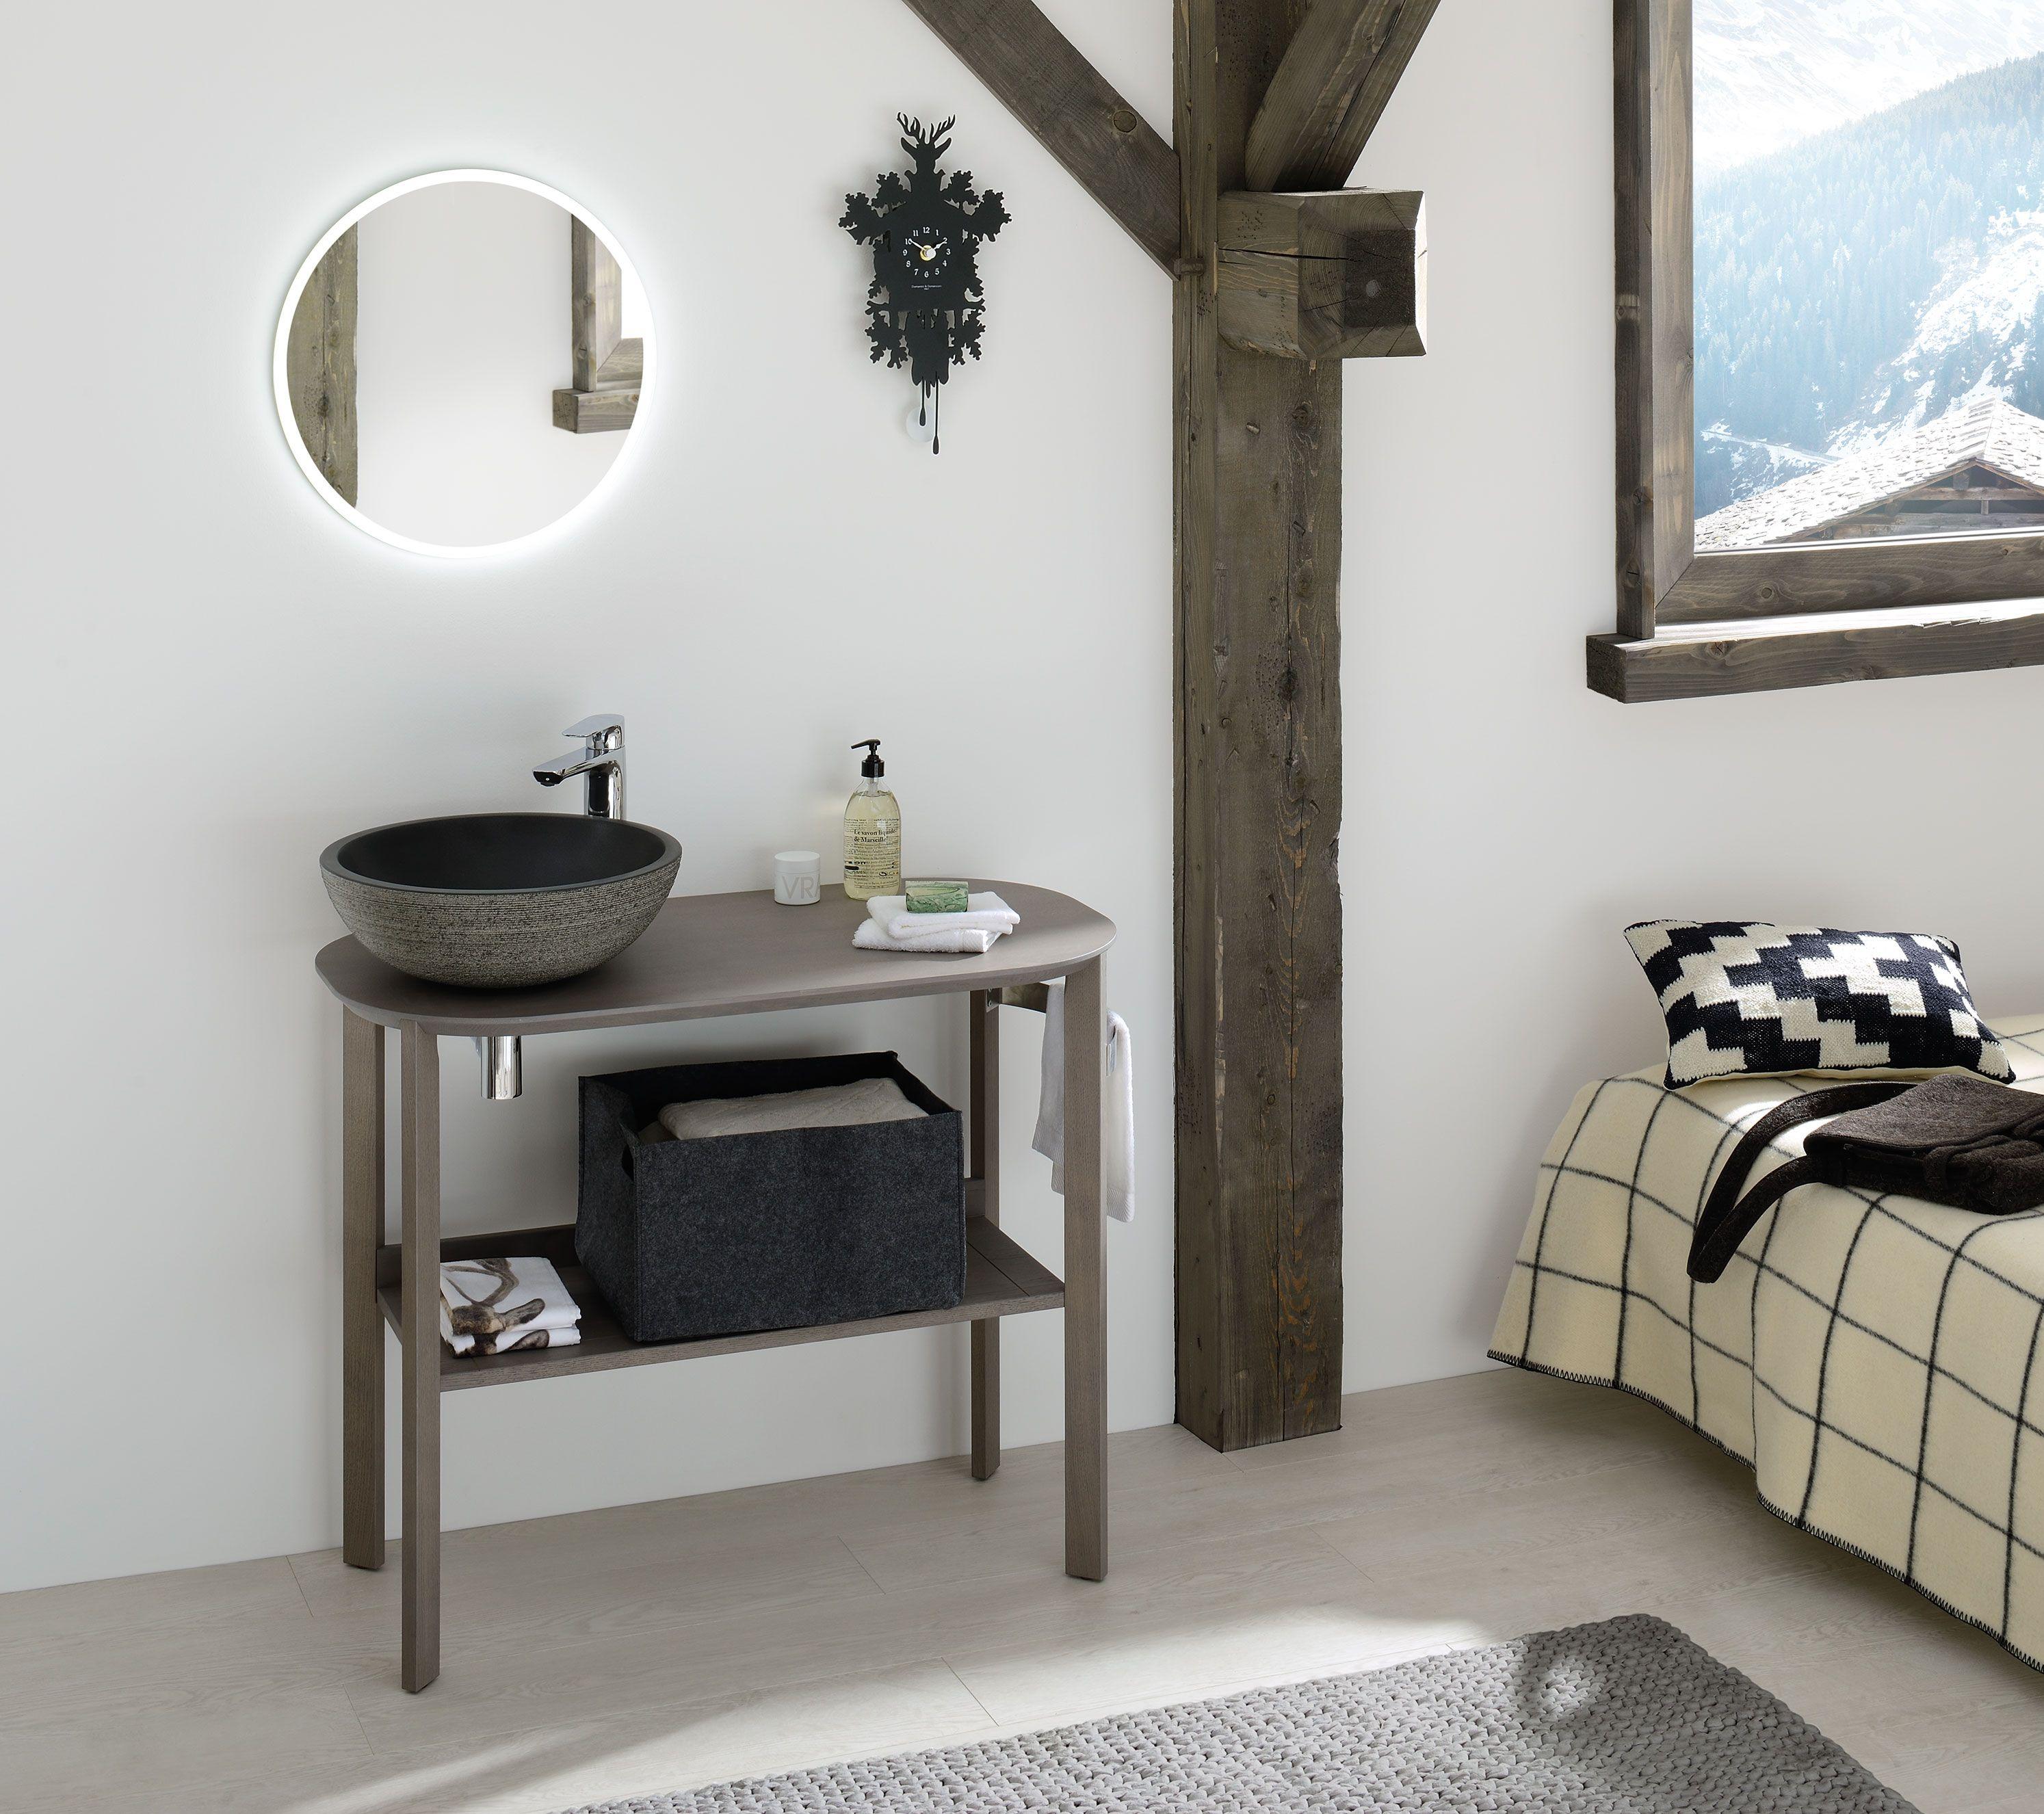 Une salle de bain esprit chalet pour petit espace : meuble en bois ...